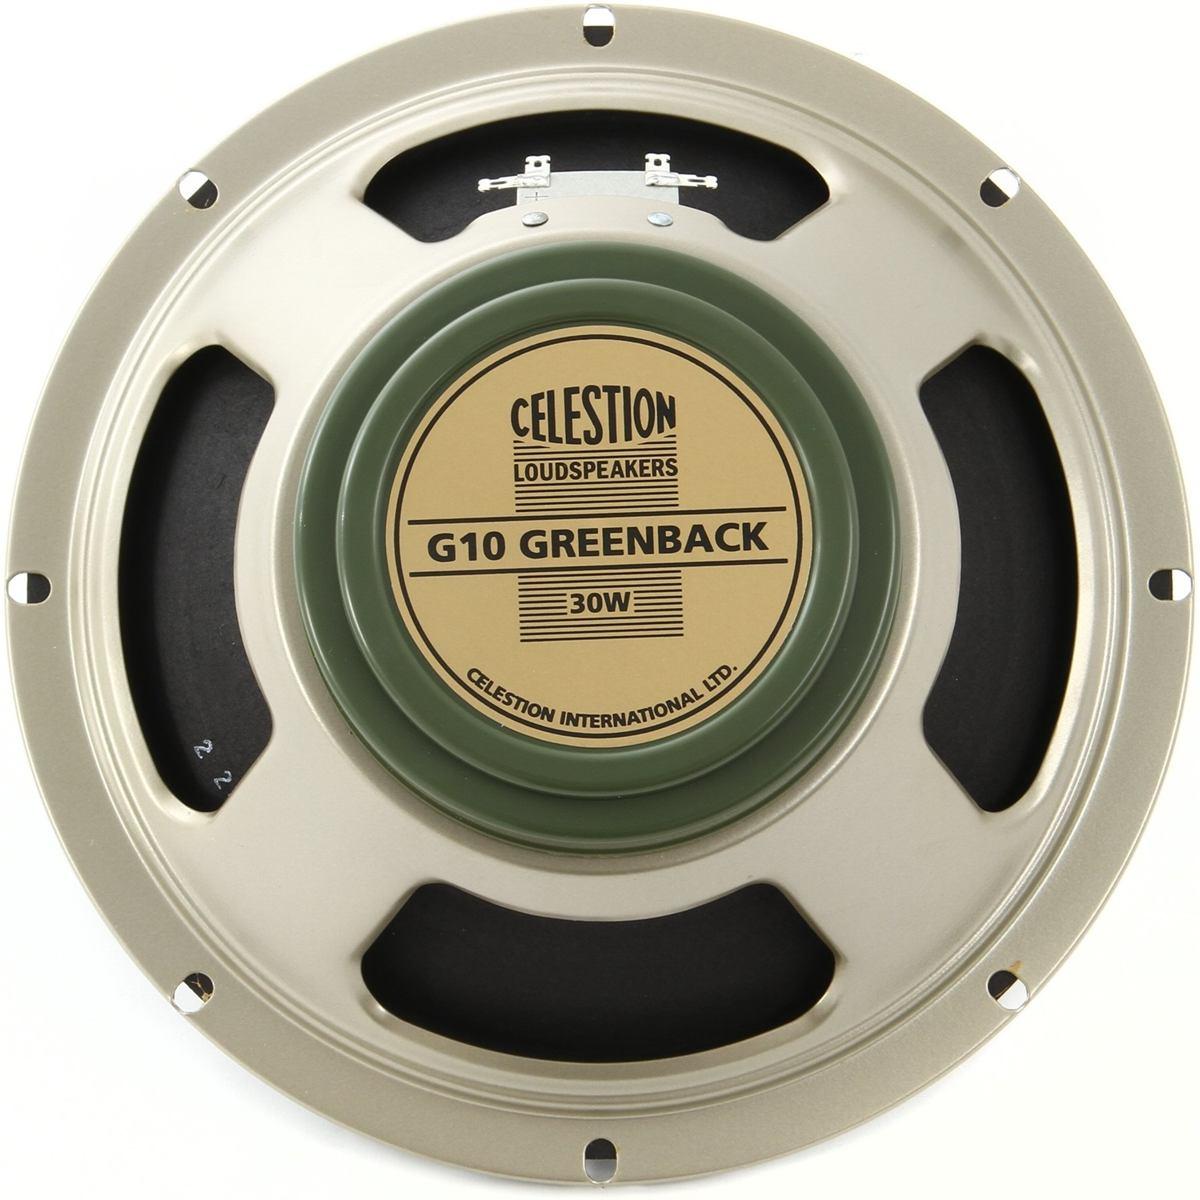 CELESTION G10 Greenback 8 Ohm